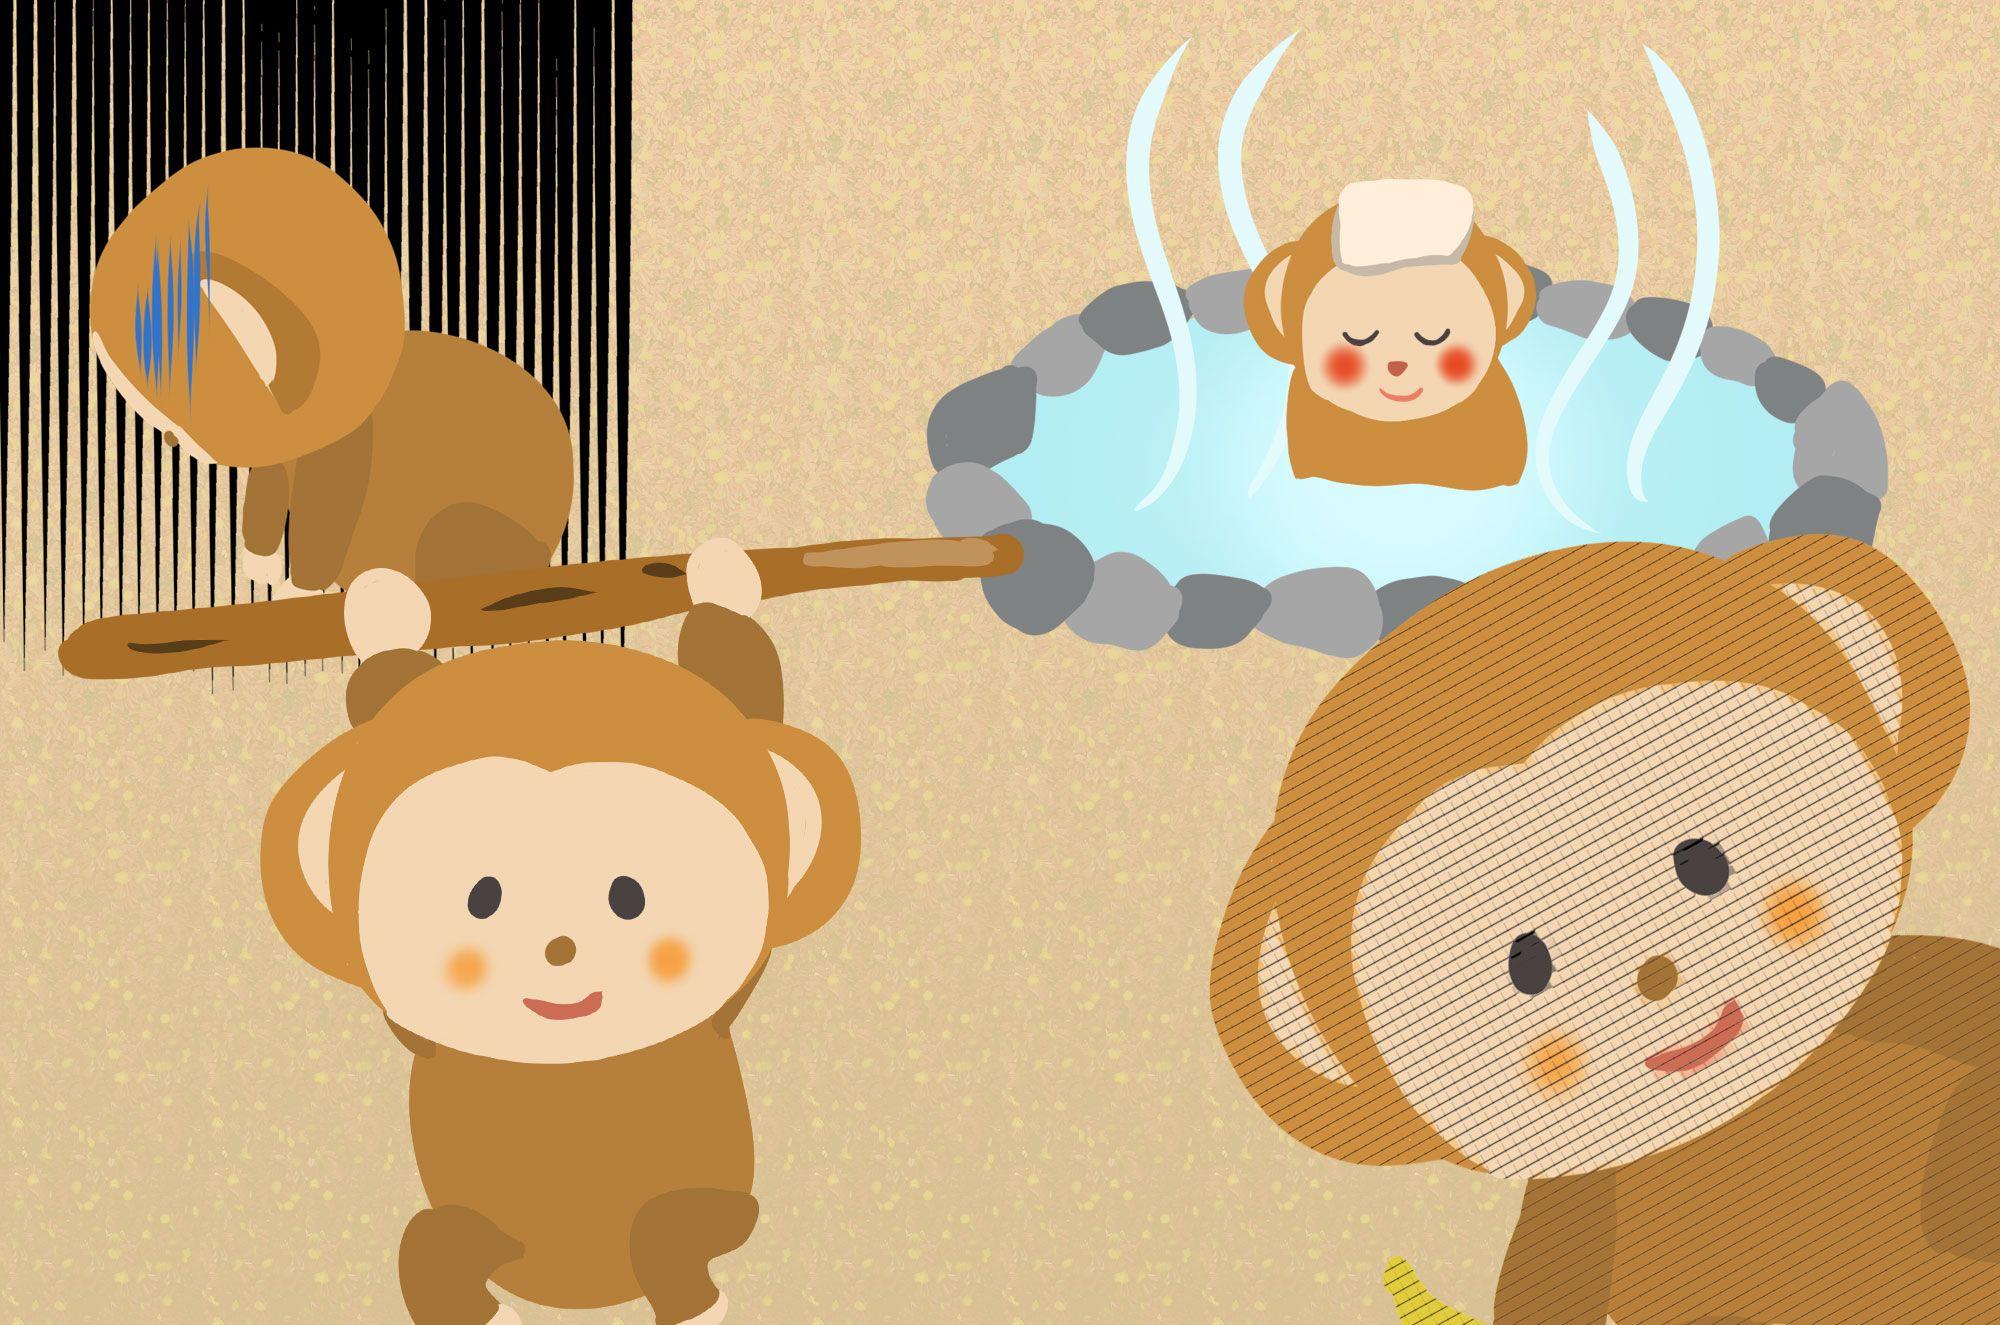 猿イラスト:かわいい表情やショックを受けている猿、泣いていたり、温泉